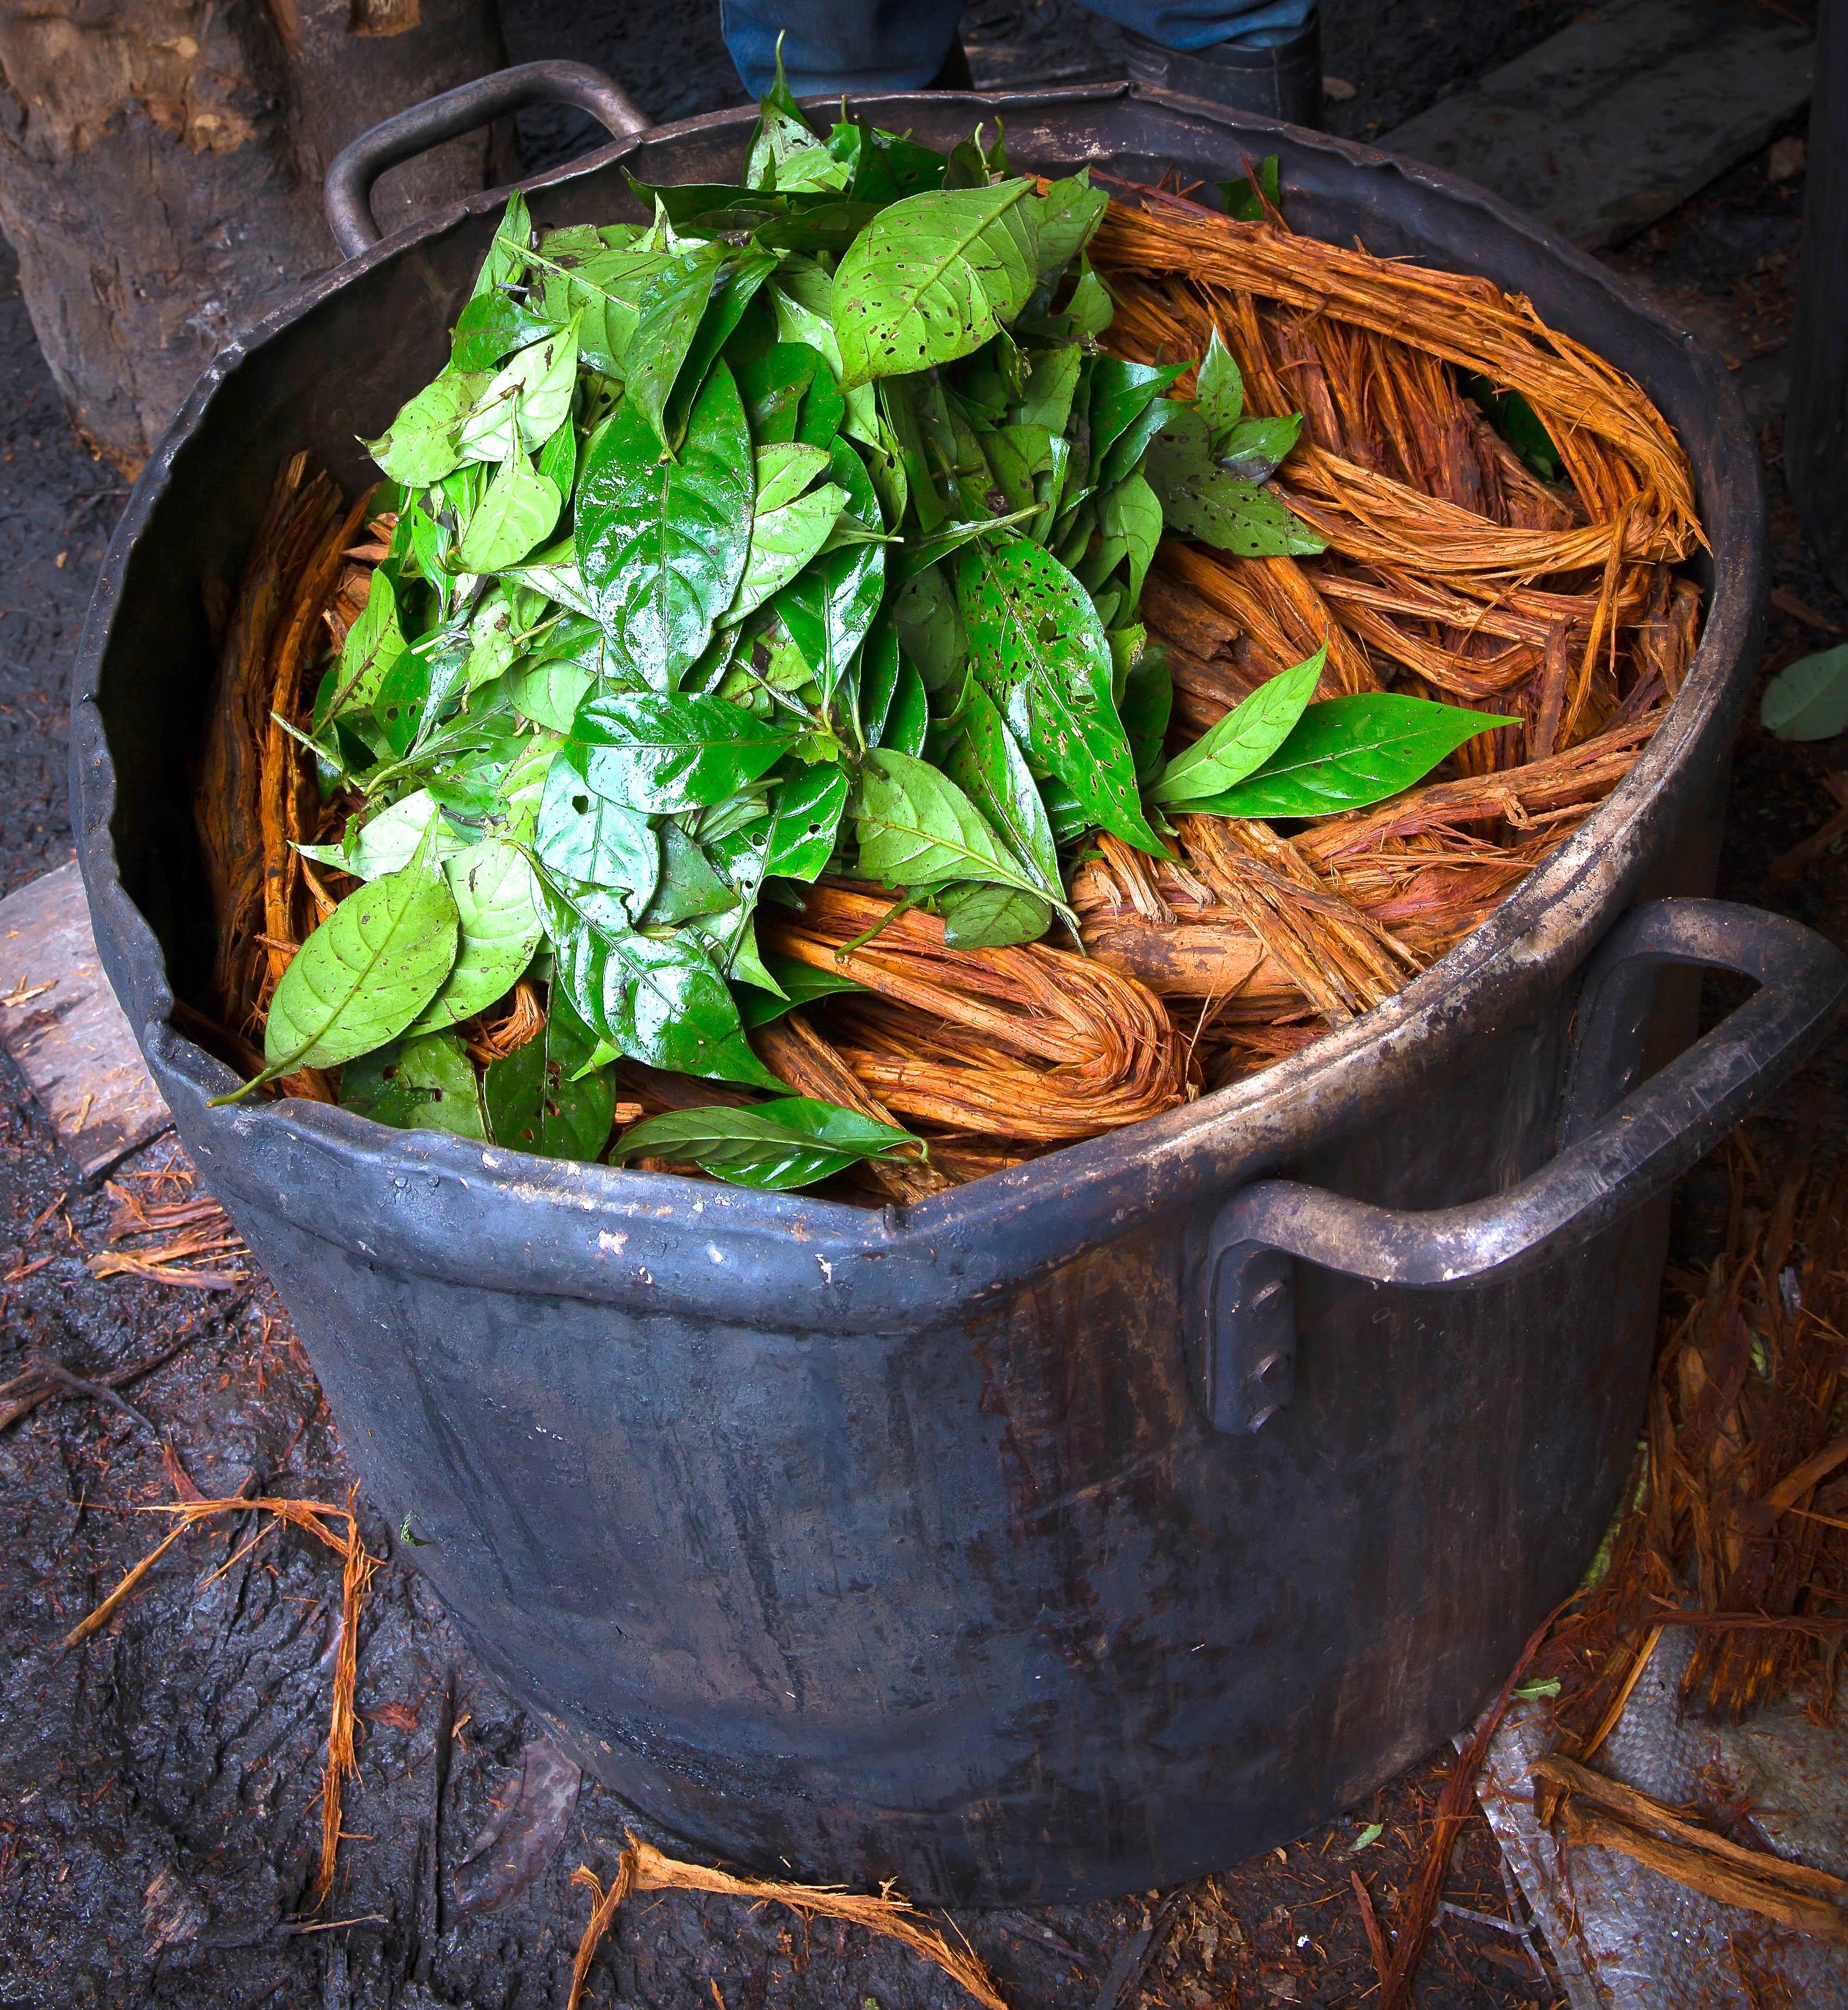 ayahuasca preparation guide